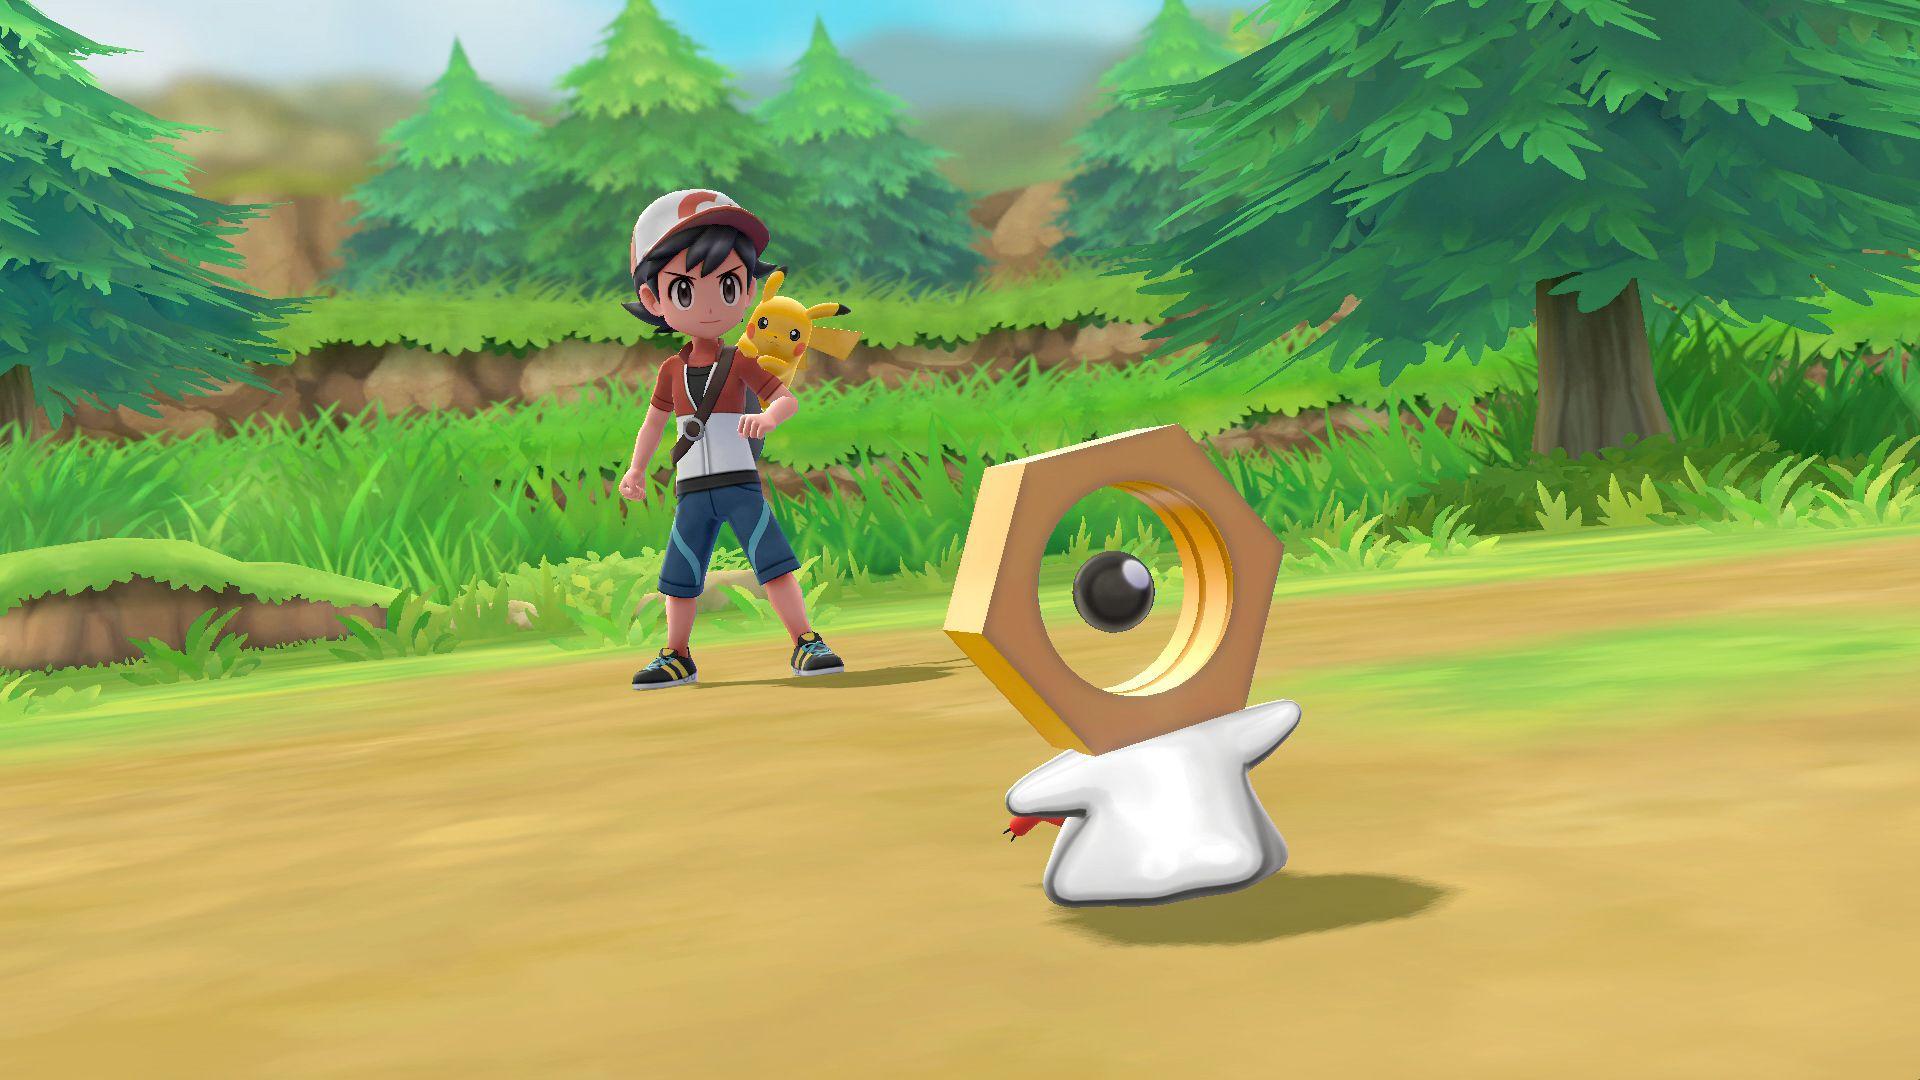 Pokémon Go : un mystérieux Pokémon intègre le jeu